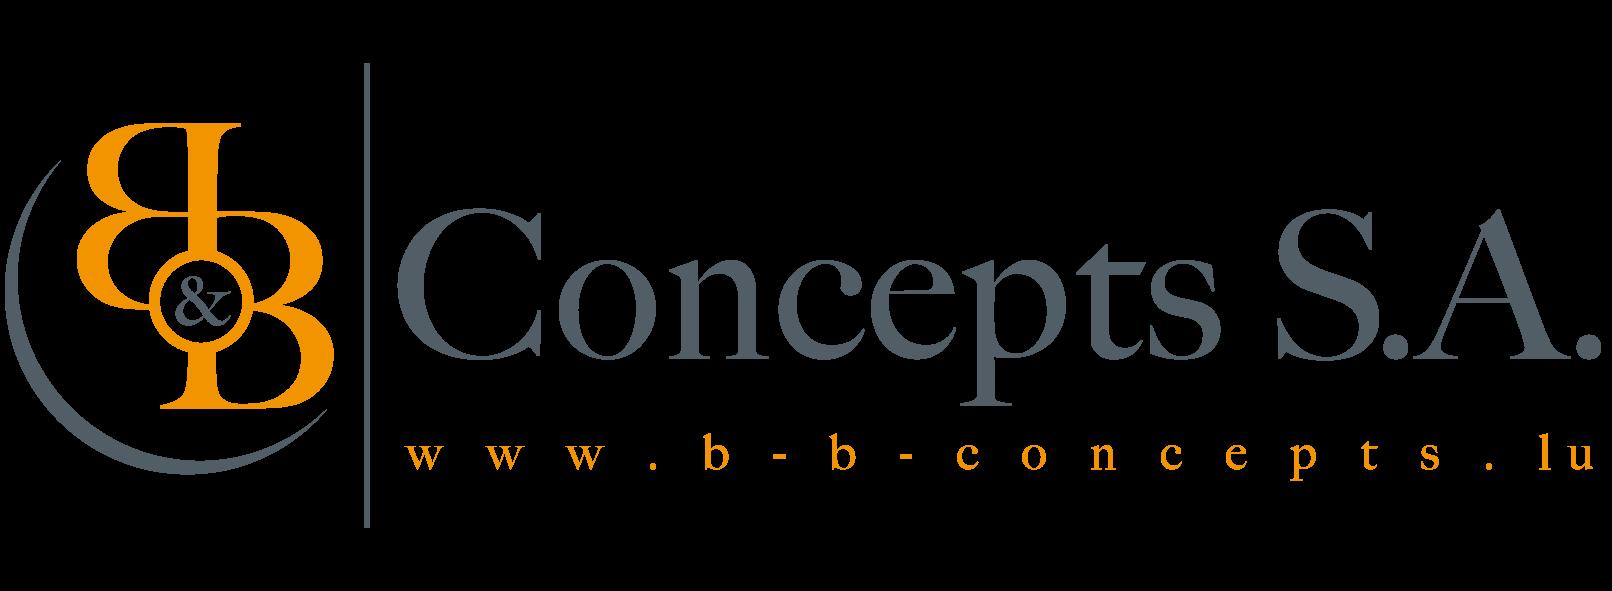 B&B Concepts S.A.